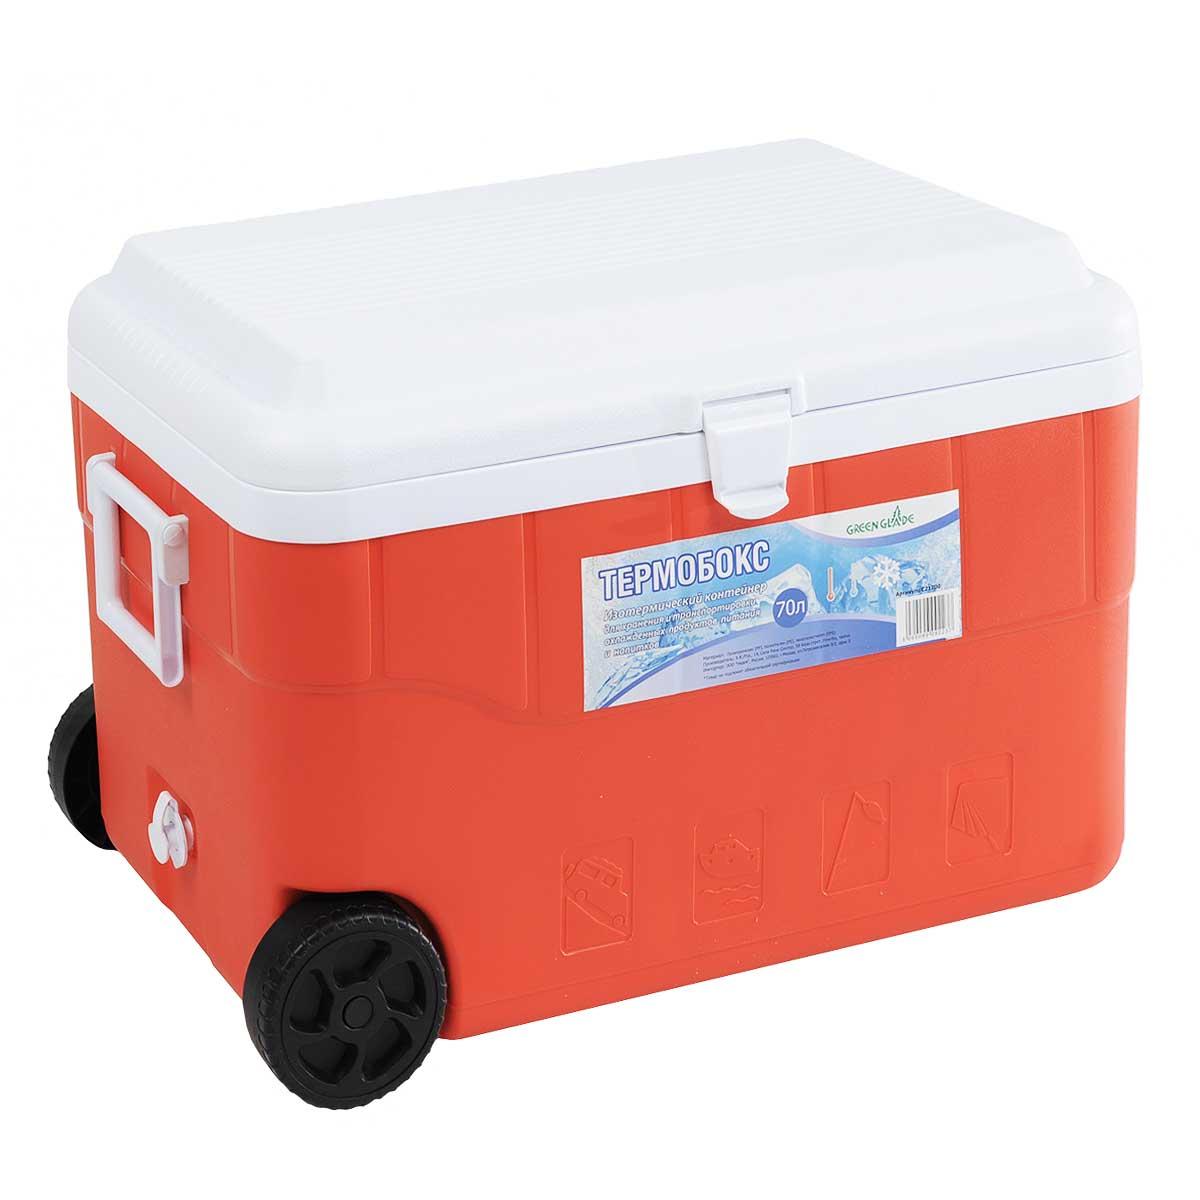 Контейнер изотермический Green Glade, на колесиках, цвет: красный, 70 л787502Удобный и прочный изотермический контейнер Green Glade предназначен для сохранения определенной температуры продуктов во время длительных поездок. Корпус и крышка контейнера изготовлены из высококачественного пластика. Между двойными стенками находится термоизоляционный слой, который обеспечивает сохранение температуры. У контейнера одно большое вместительное отделение. Крышка закрывается плотно на замок-защелку. У контейнера имеются два колеса и большая ручка для более удобной транспортировки. Также имеются две боковые ручки для переноски.В нижней части контейнера имеется заглушка, которая поможет слить воду при постепенном размораживании продуктов. При использовании аккумулятора холода контейнер обеспечивает сохранение продуктов холодными 12-14 часов. Контейнер такого размера идеально подойдет для пикника или для поездки на дачу, или просто для длительной поездки.Контейнеры Green Glade можно использовать не только для сохранения холодных продуктов, но и для транспортировки горячих блюд. В этом случае аккумуляторы нагреваются в горячей воде (температура около 80°С) и превращаются в аккумуляторы тепла. Подготовленные блюда перед транспортировкой подогреваются и укладываются в контейнер. Объем контейнера: 70 л.Размер контейнера: 67 см х 46,5 см х43 см.